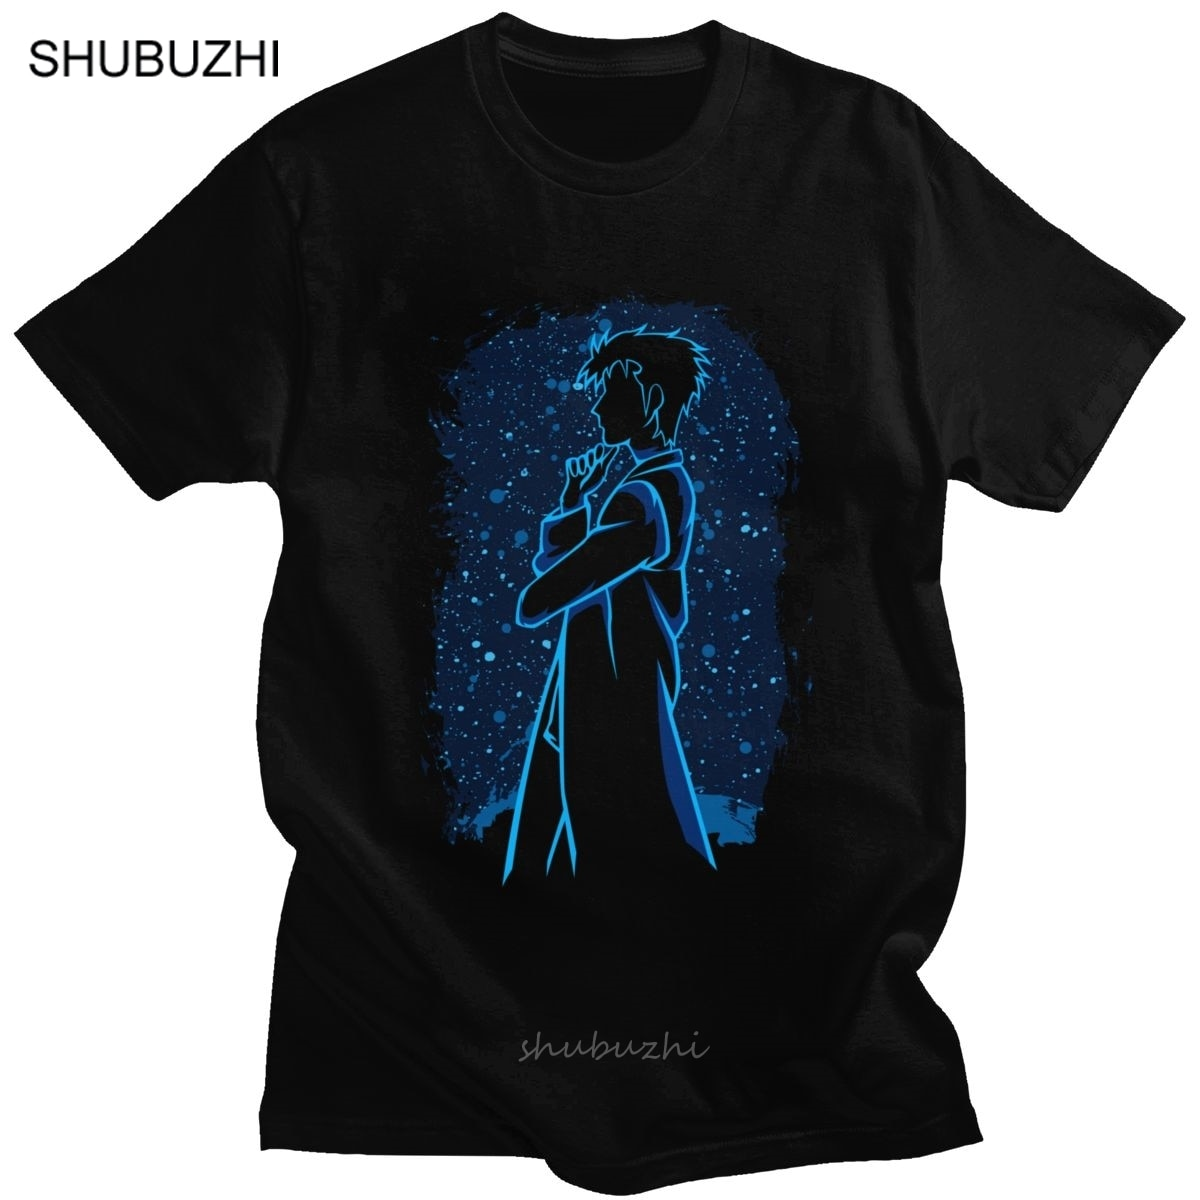 Génial Steins porte T-shirt hommes 100% coton T-shirt manches courtes le scientifique Rintarou Okabe T-shirt Anime Fan vêtements